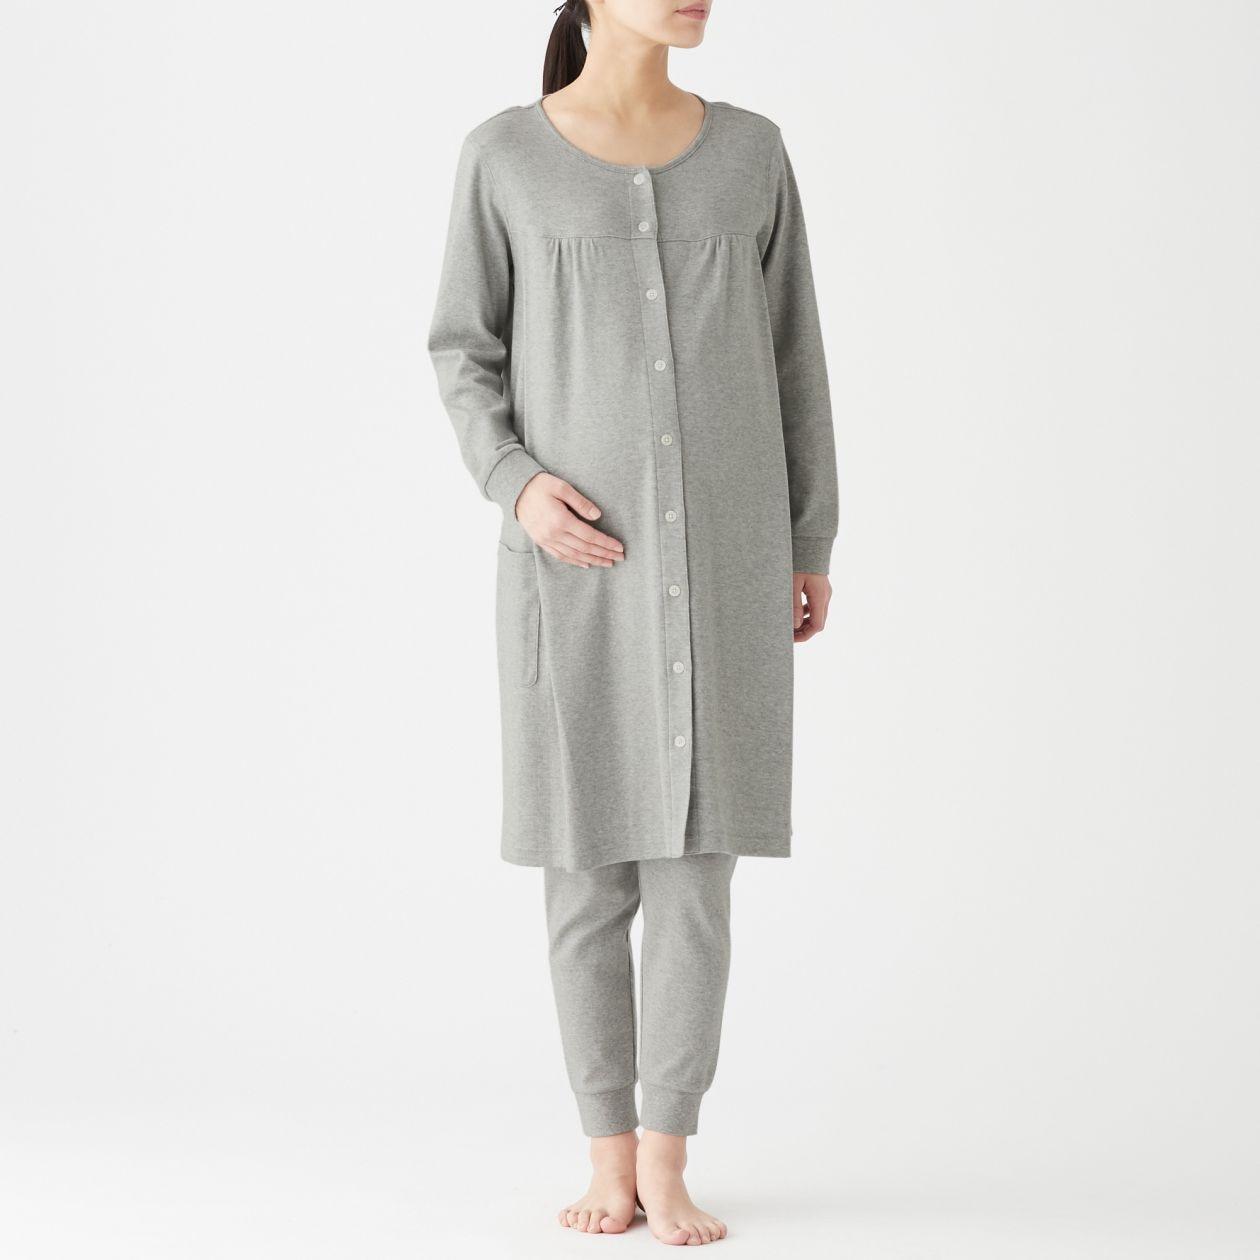 脇に縫い目のないスムース編み授乳に便利な長袖パジャマ